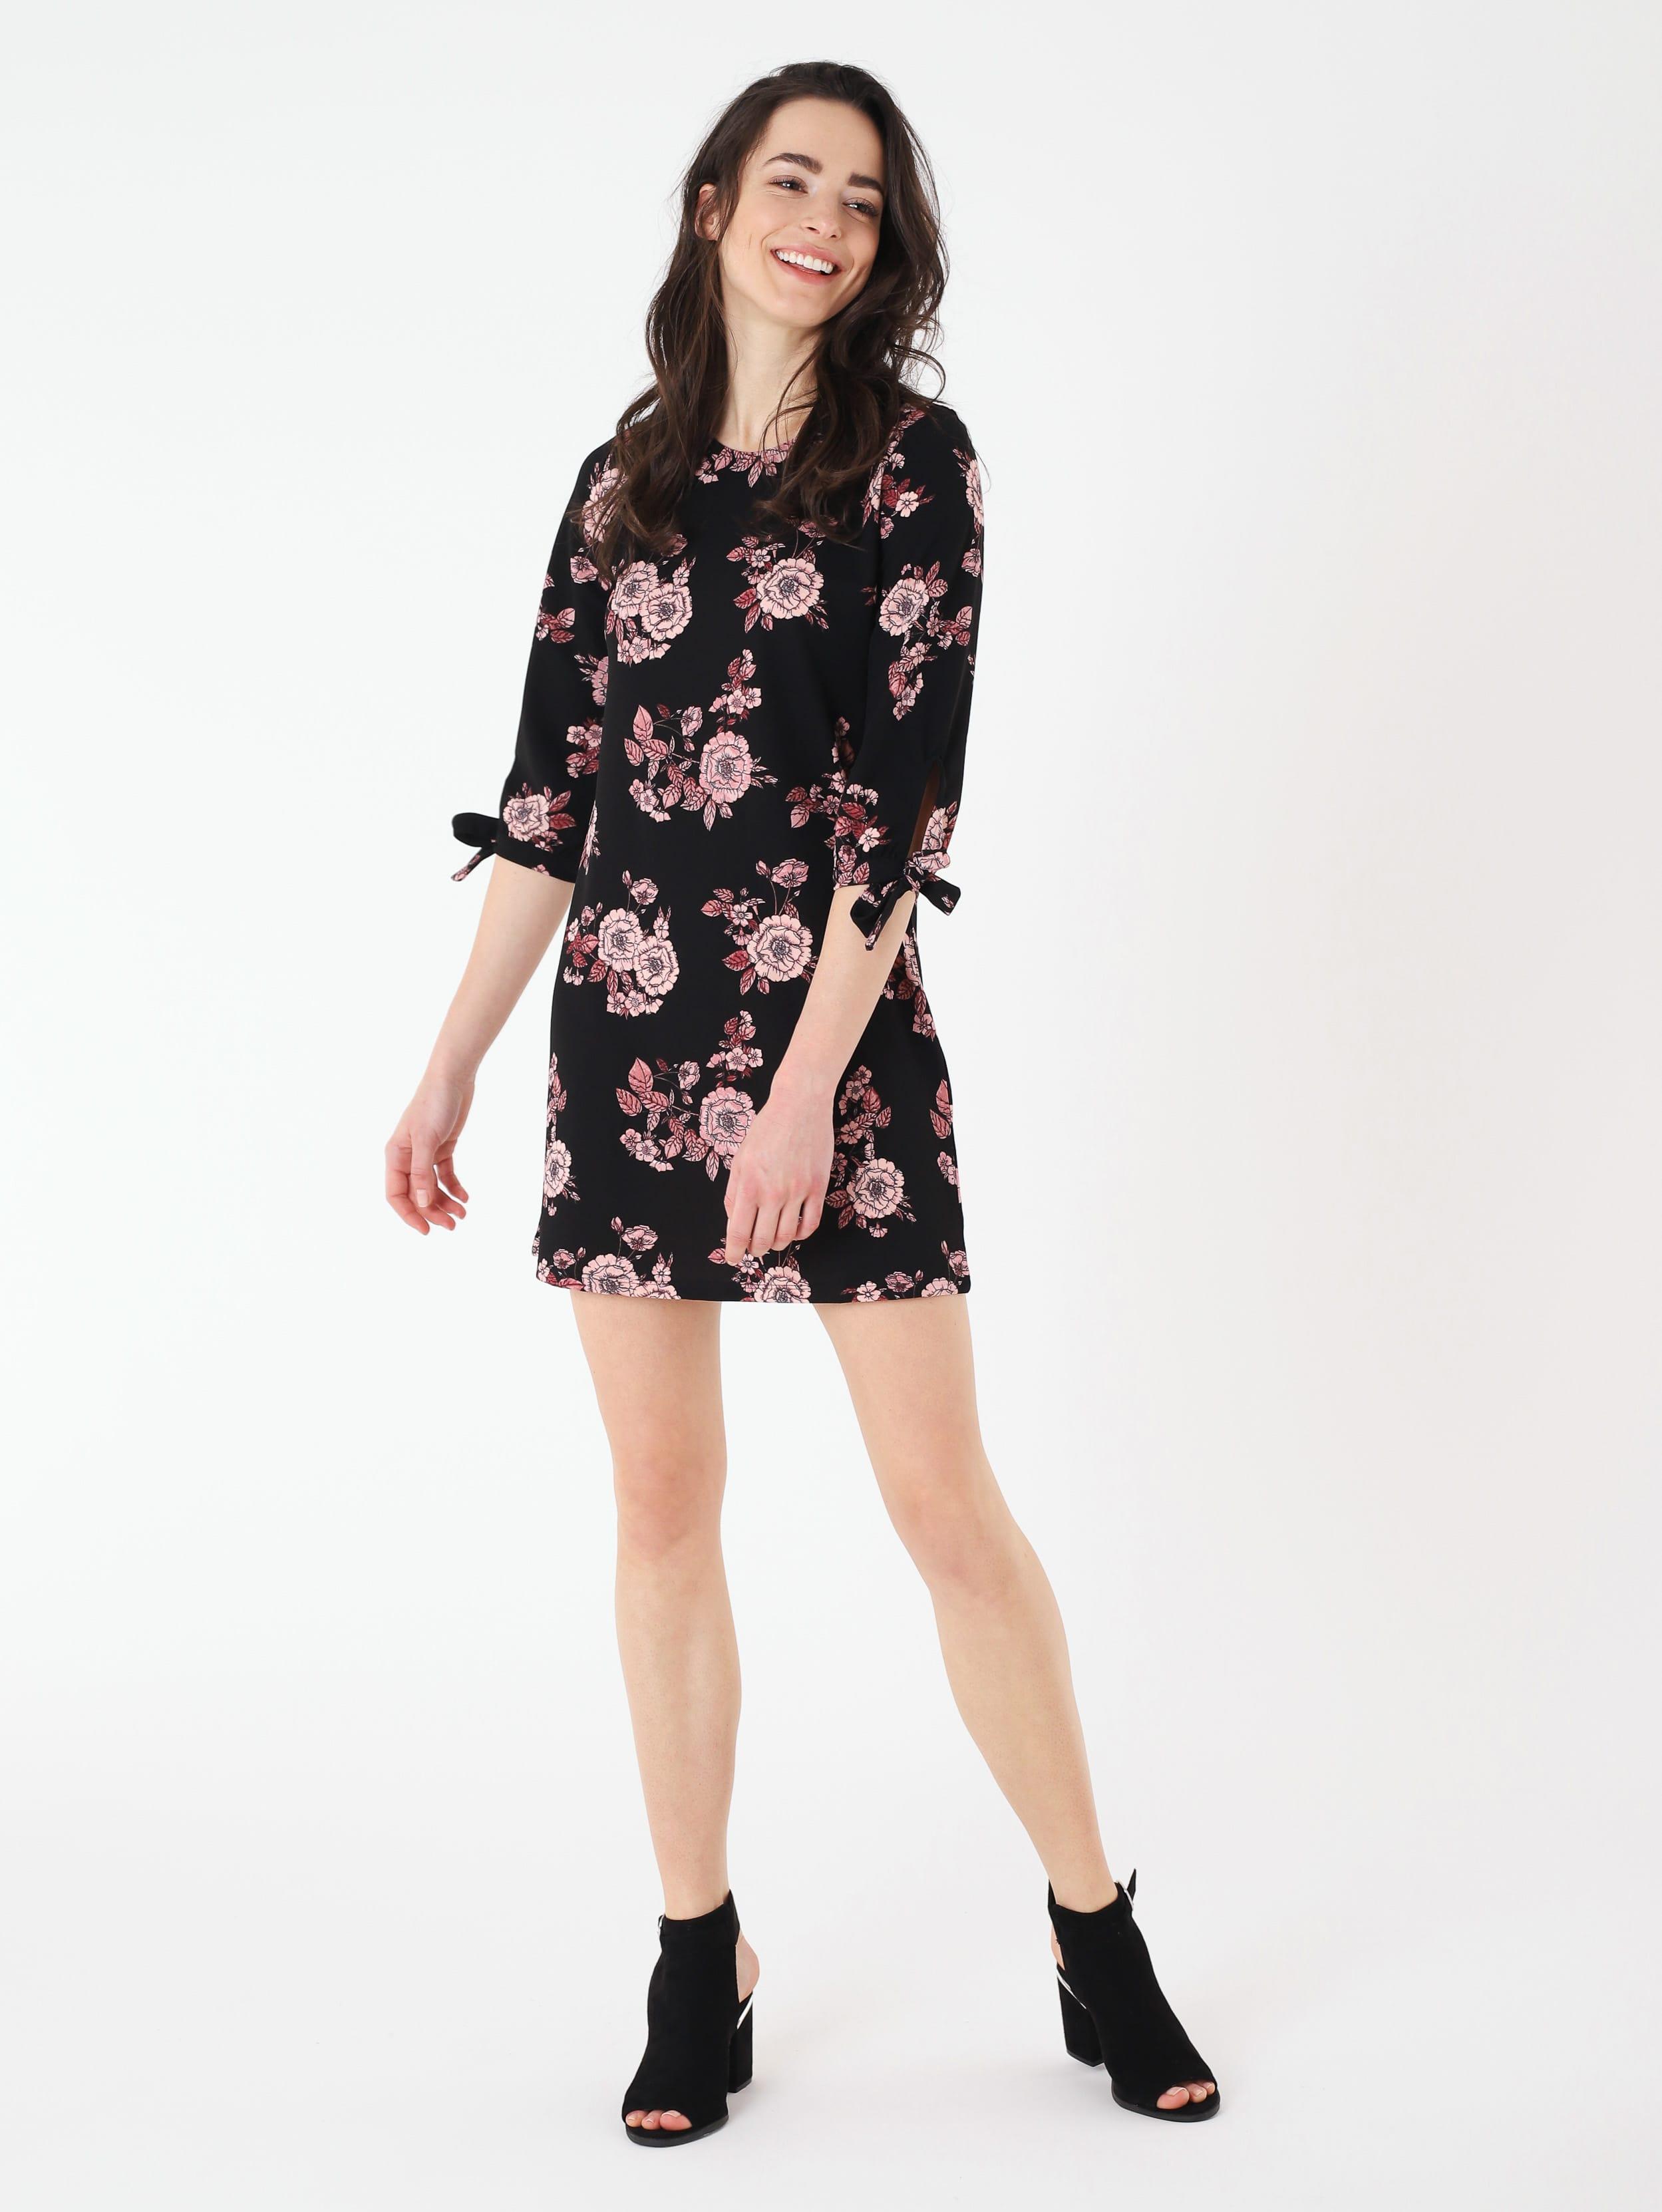 Vestito a fiori corto Terranova a 17,99 euro